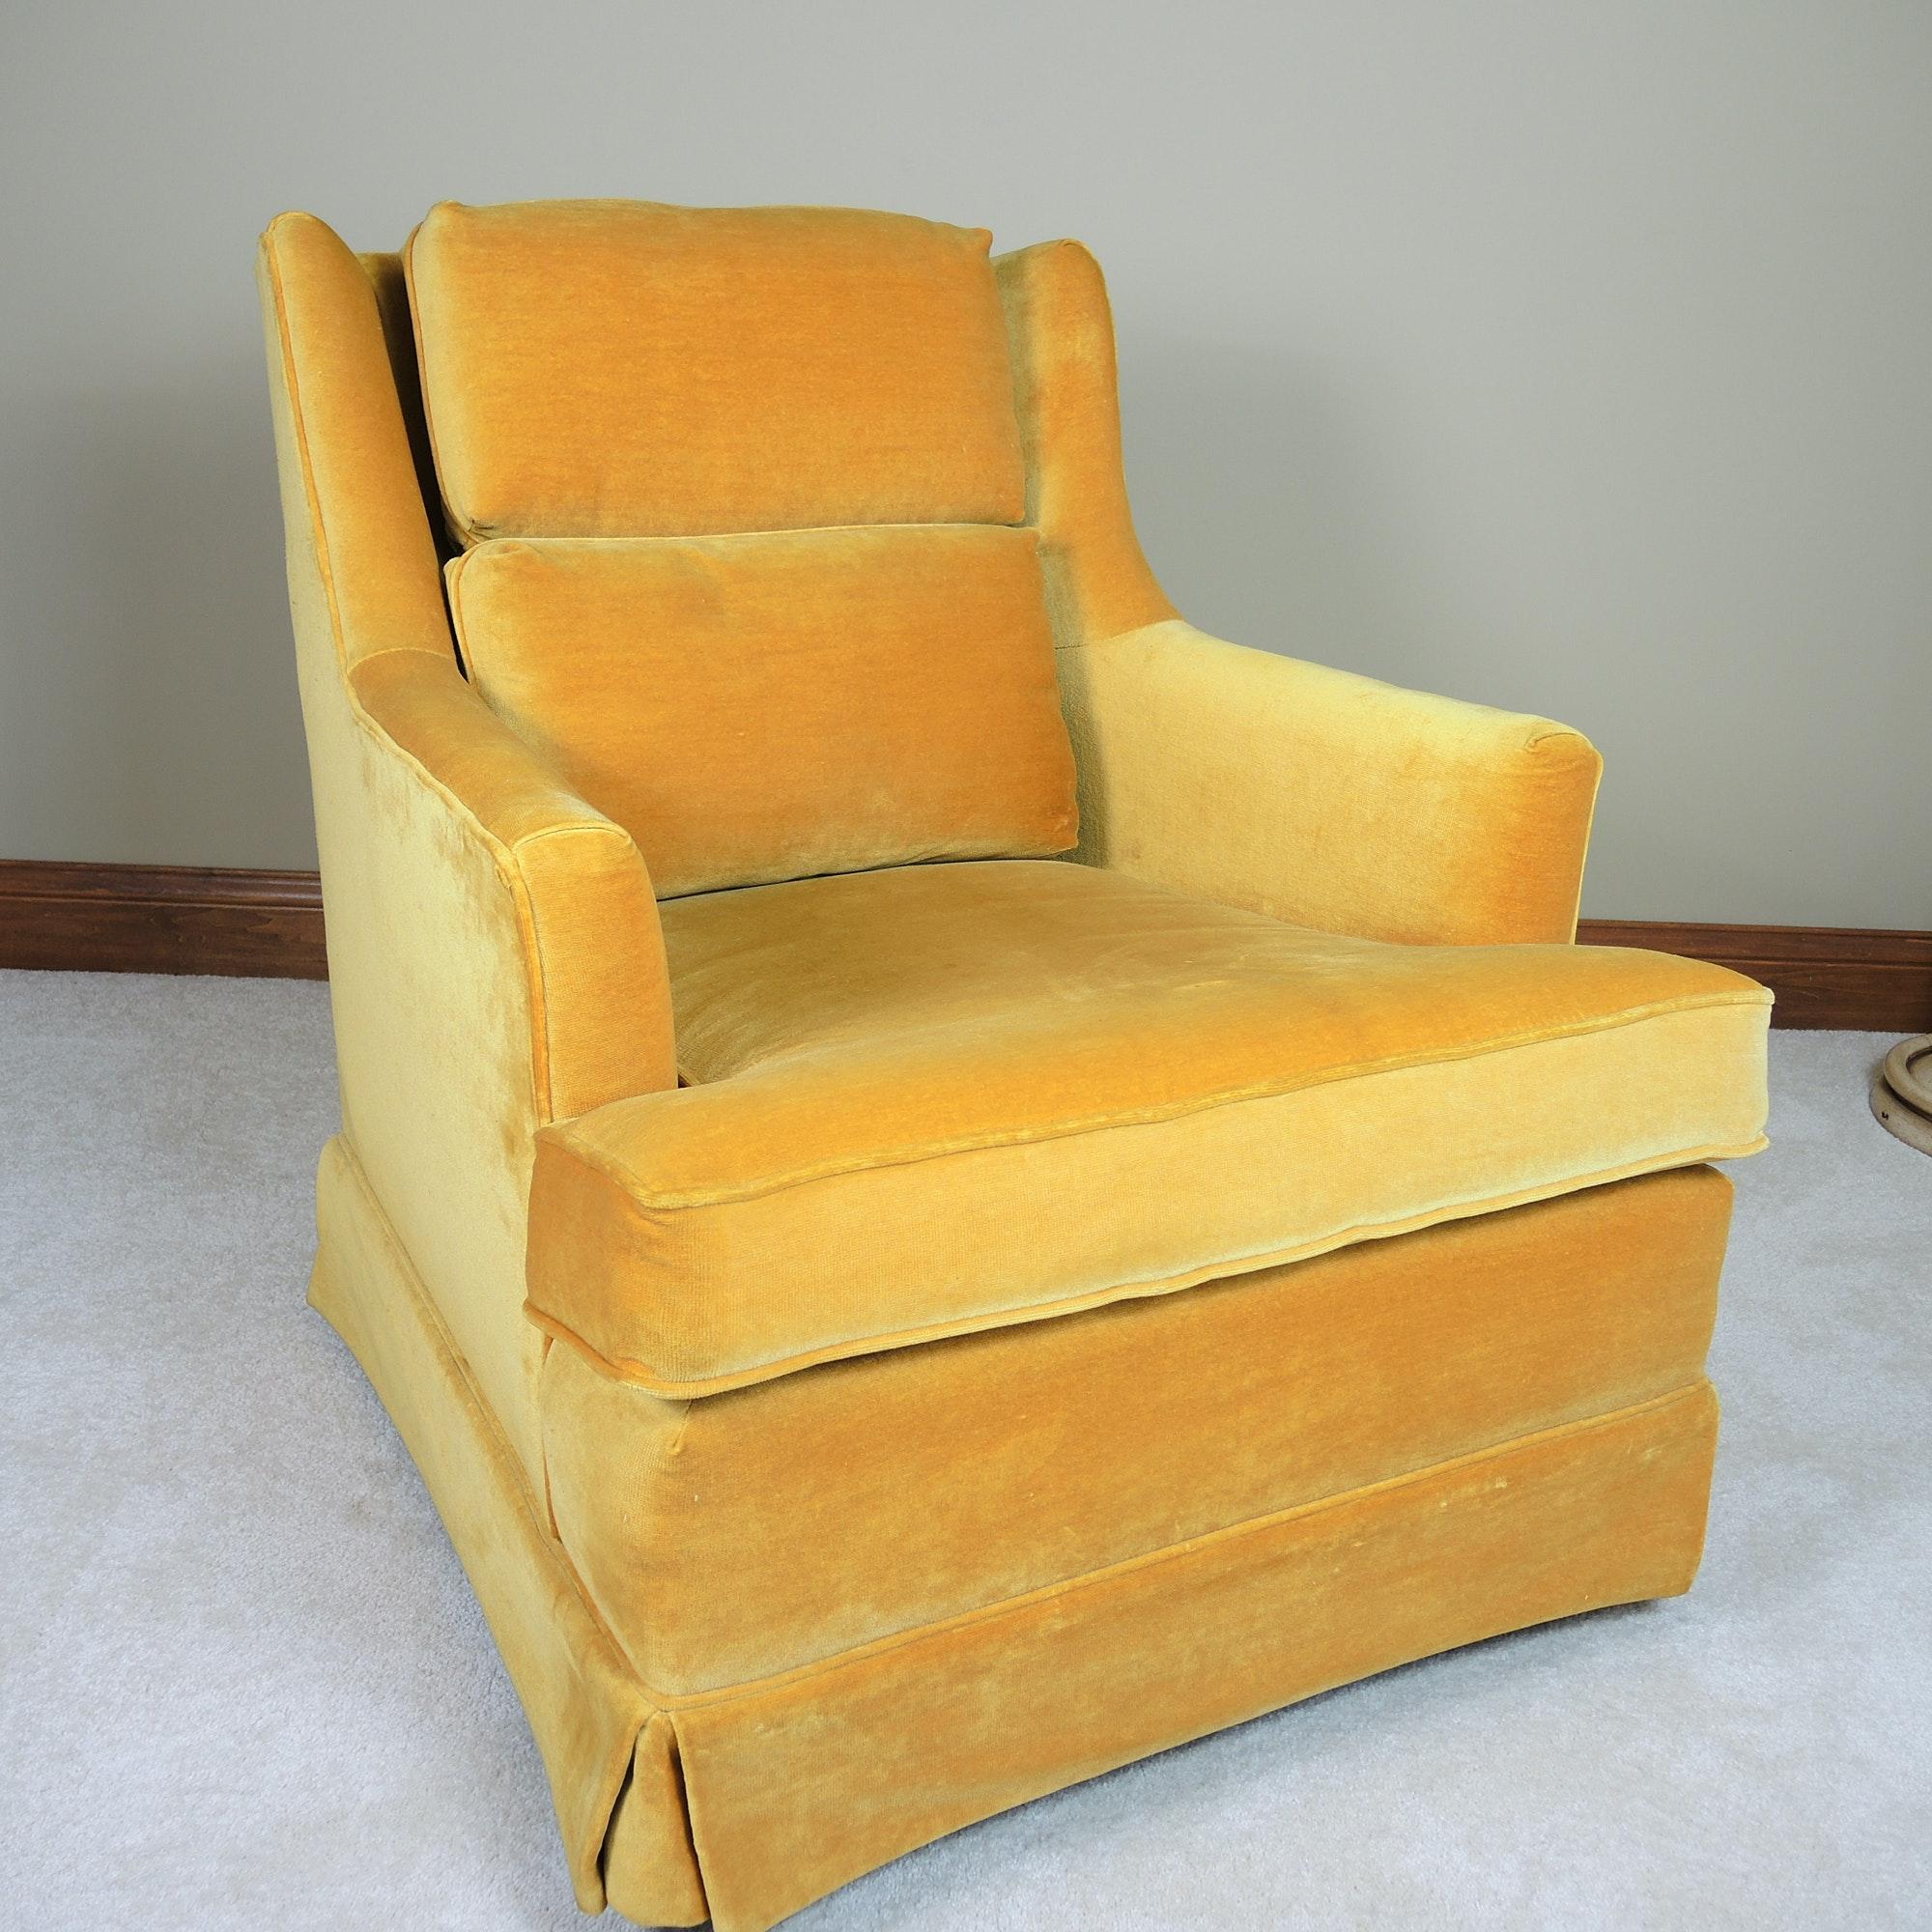 Swivel Rocker Armchair